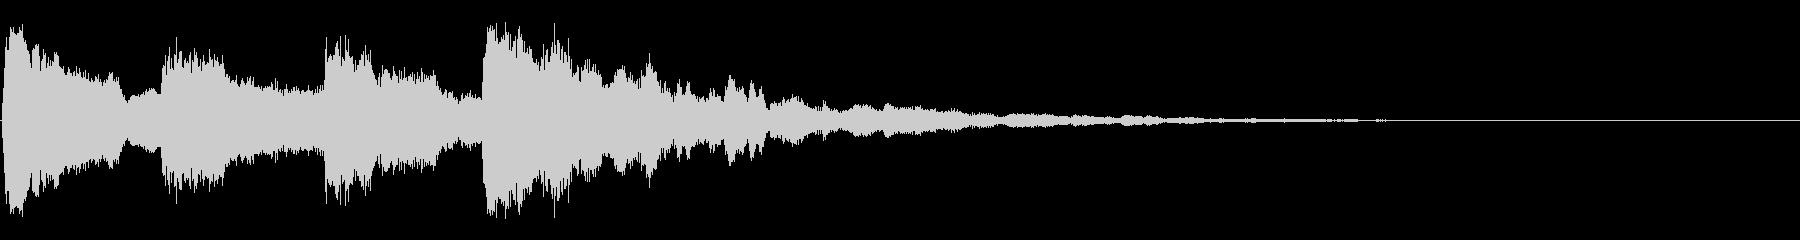 ピンポンパンポン02-2の未再生の波形